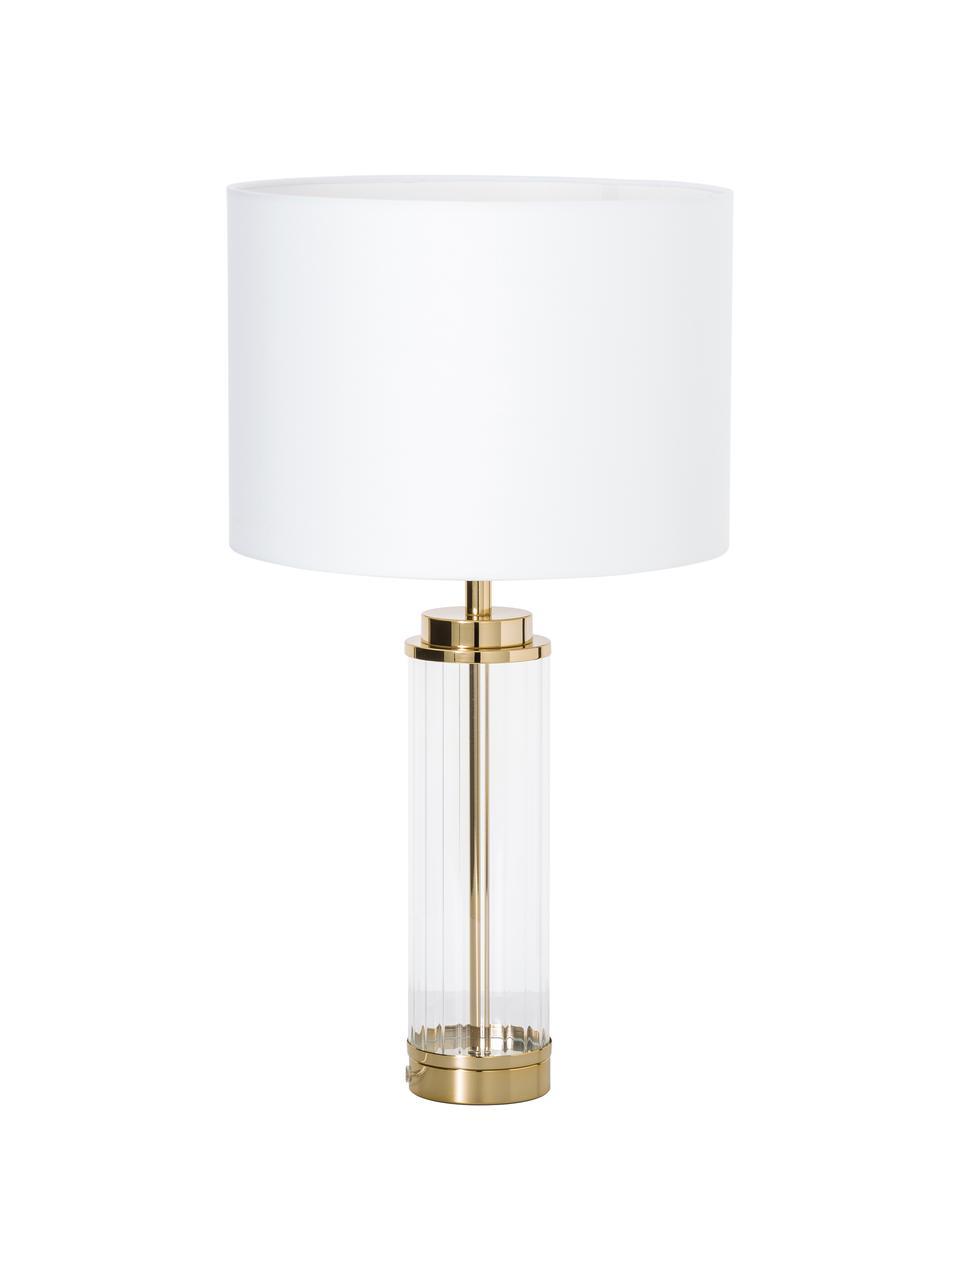 Duża lampa stołowa ze szklaną podstawą Gabor, Klosz: kremowy Podstawa lampy: odcienie złotego, Ø 35 x W 64 cm